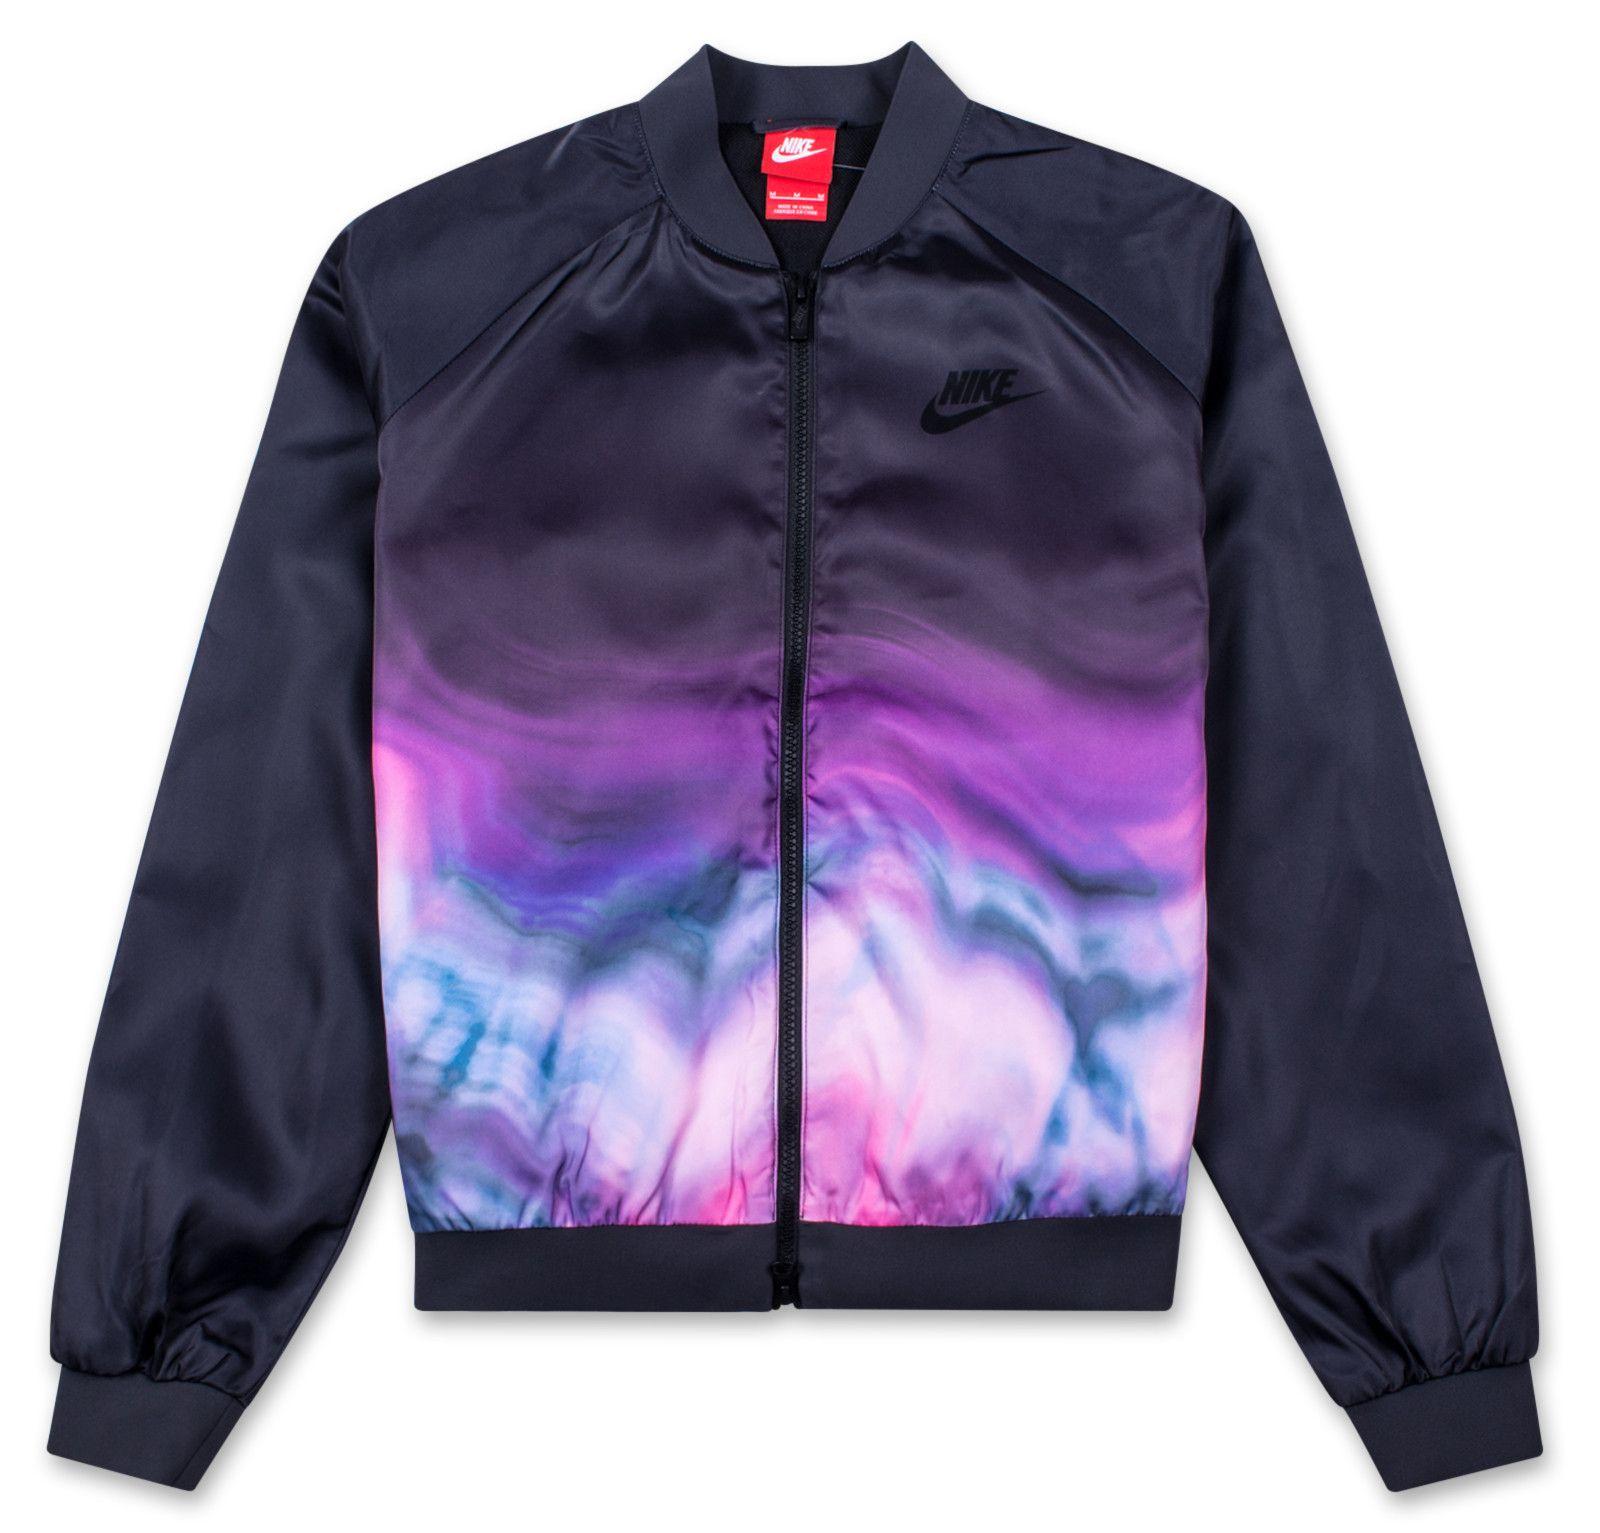 Nike Womens Sportswear Bomber Jacket Dtlr Com Sportswear Women Nike Women Sportswear [ 1533 x 1600 Pixel ]